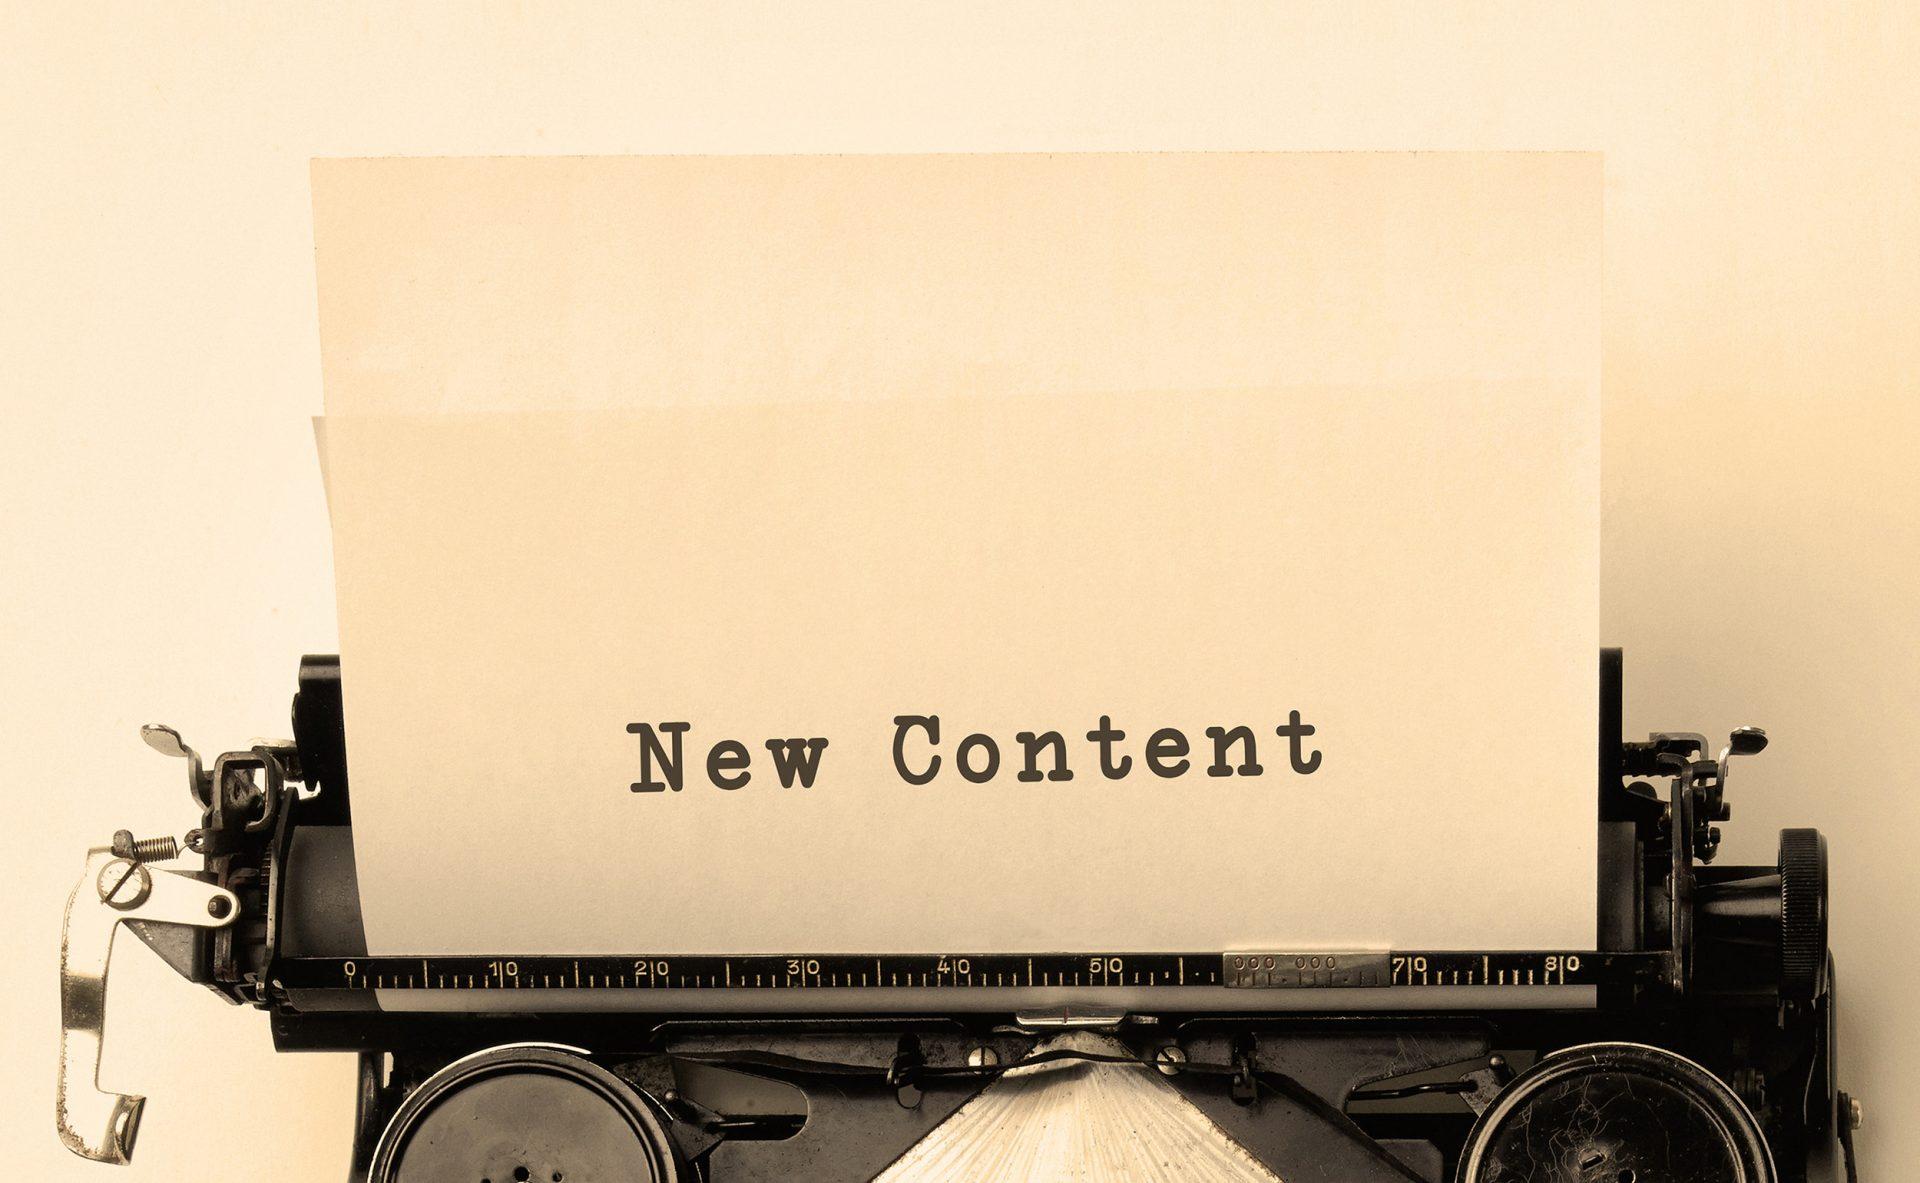 Añadimos nuevos contenidos en tus páginas web